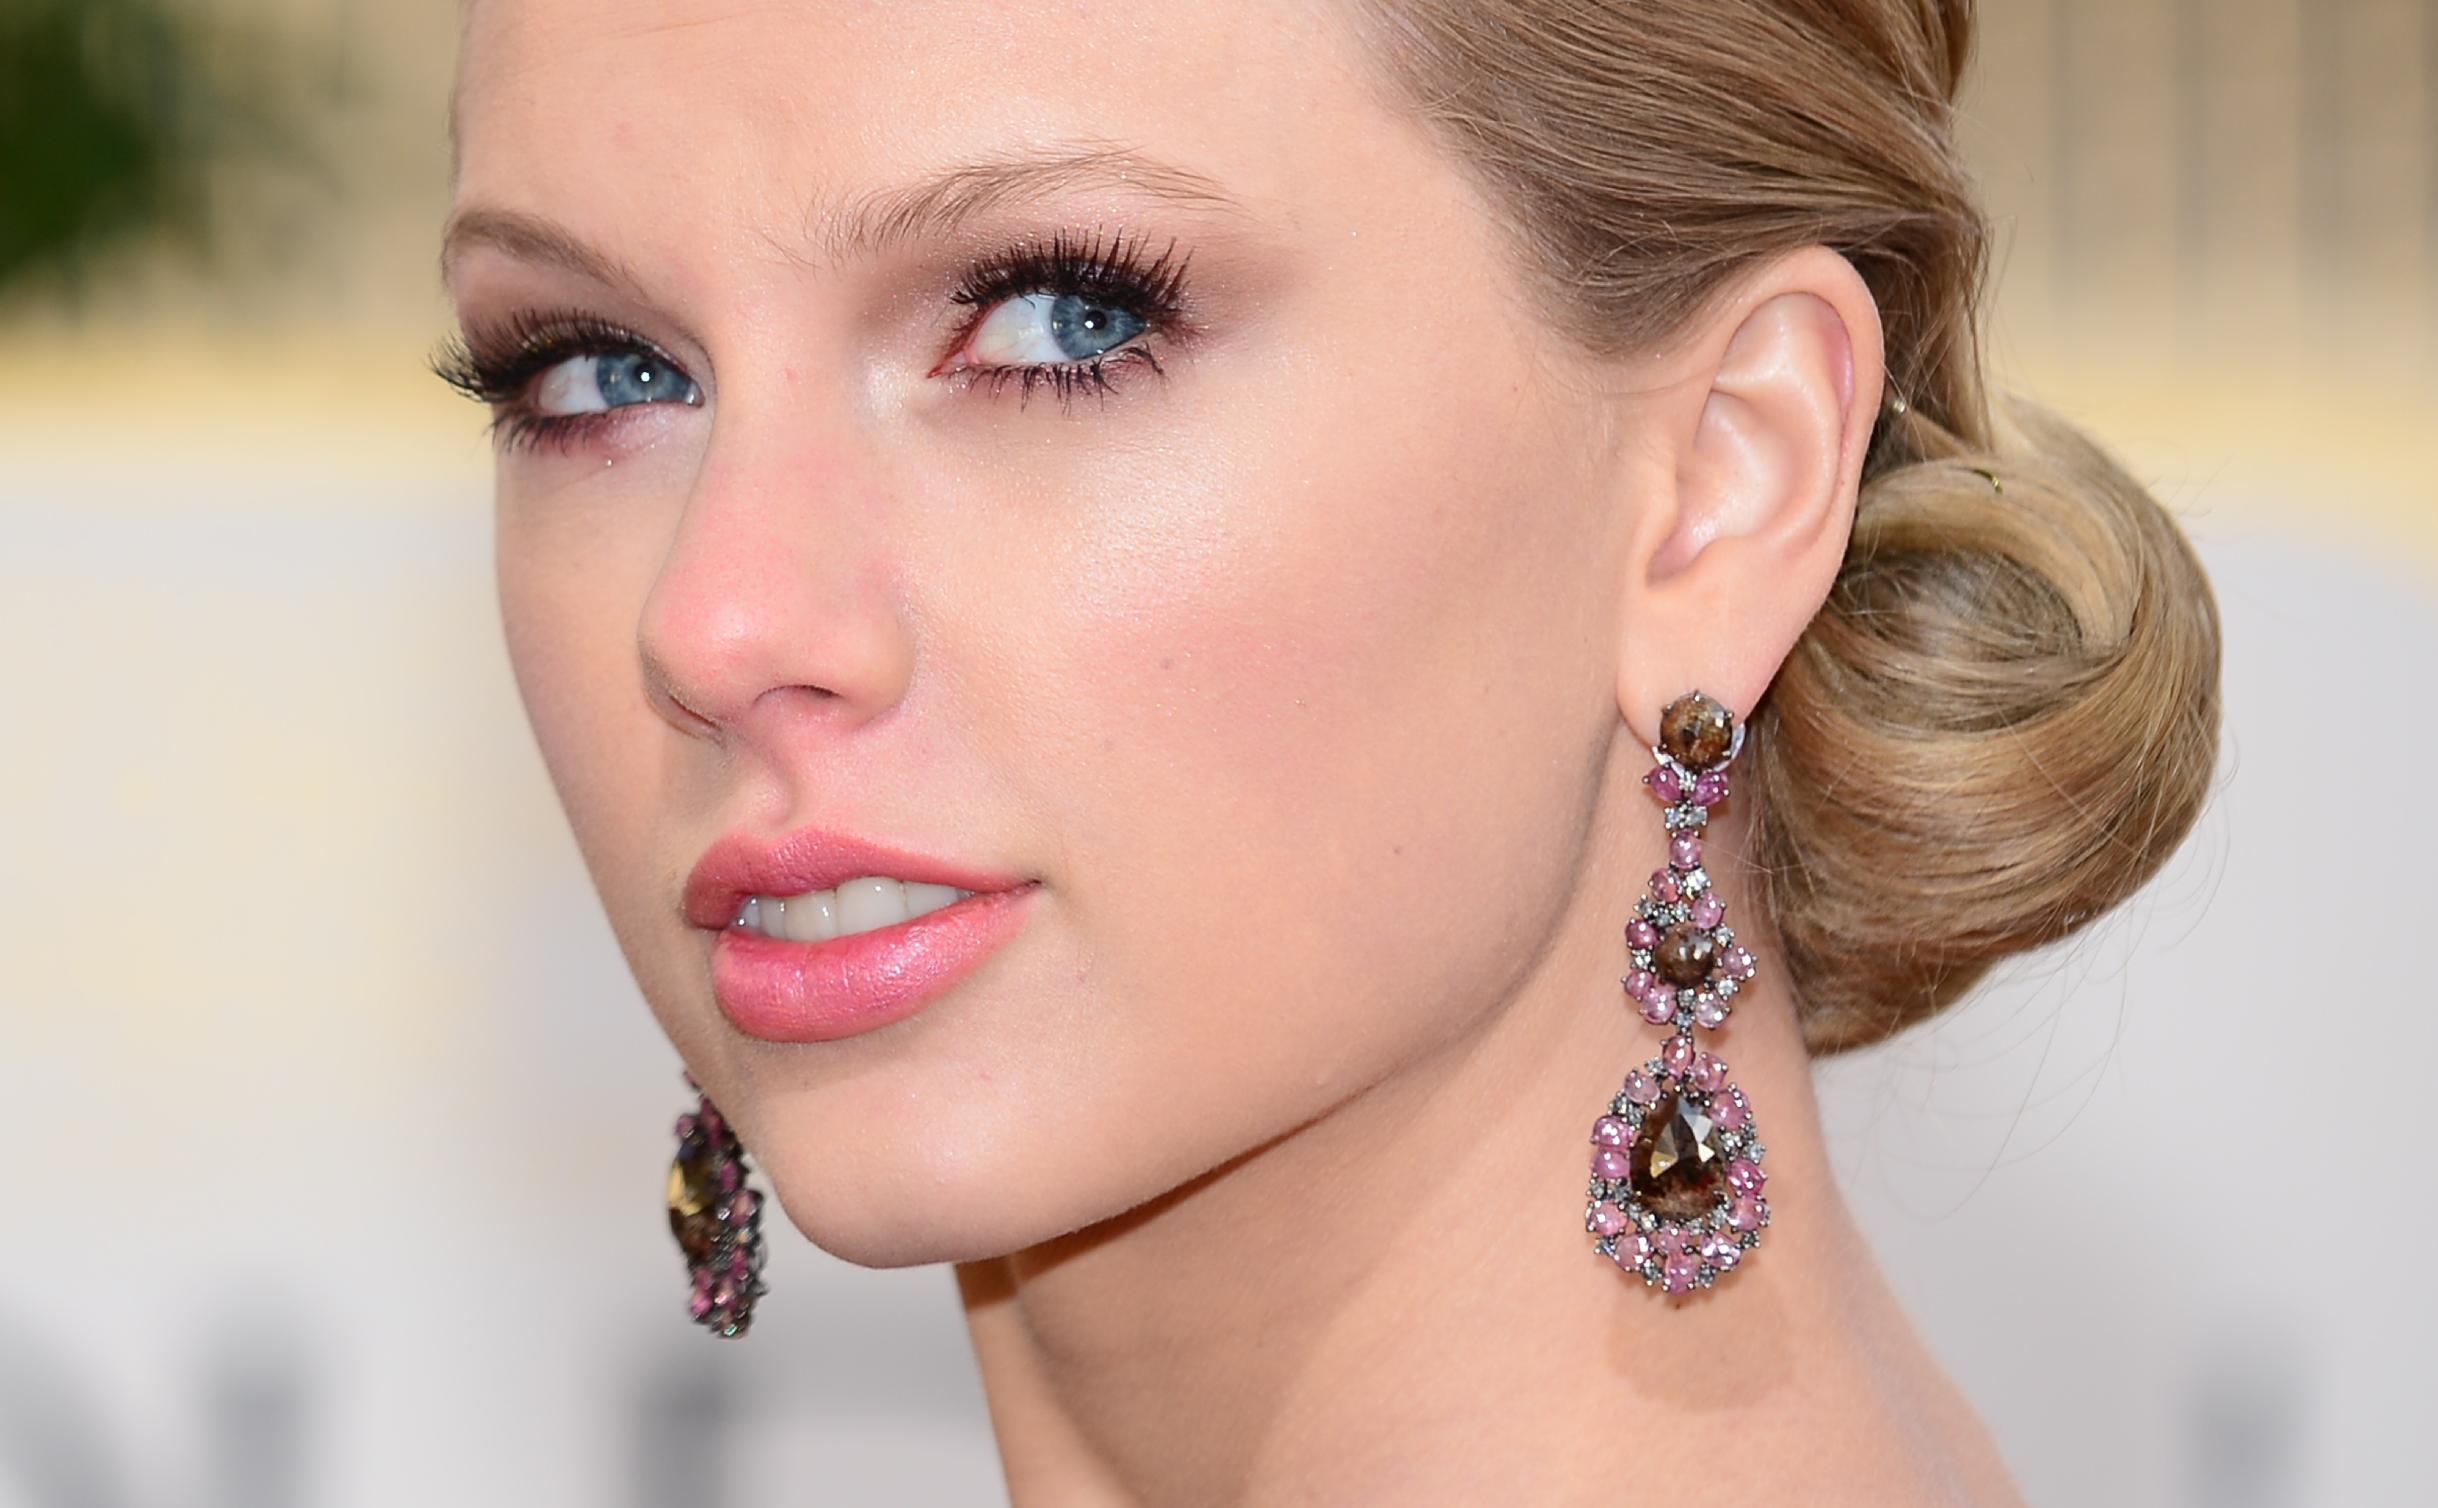 Taylor Swift, Nicki Minaj get a boost on social media: Starcount